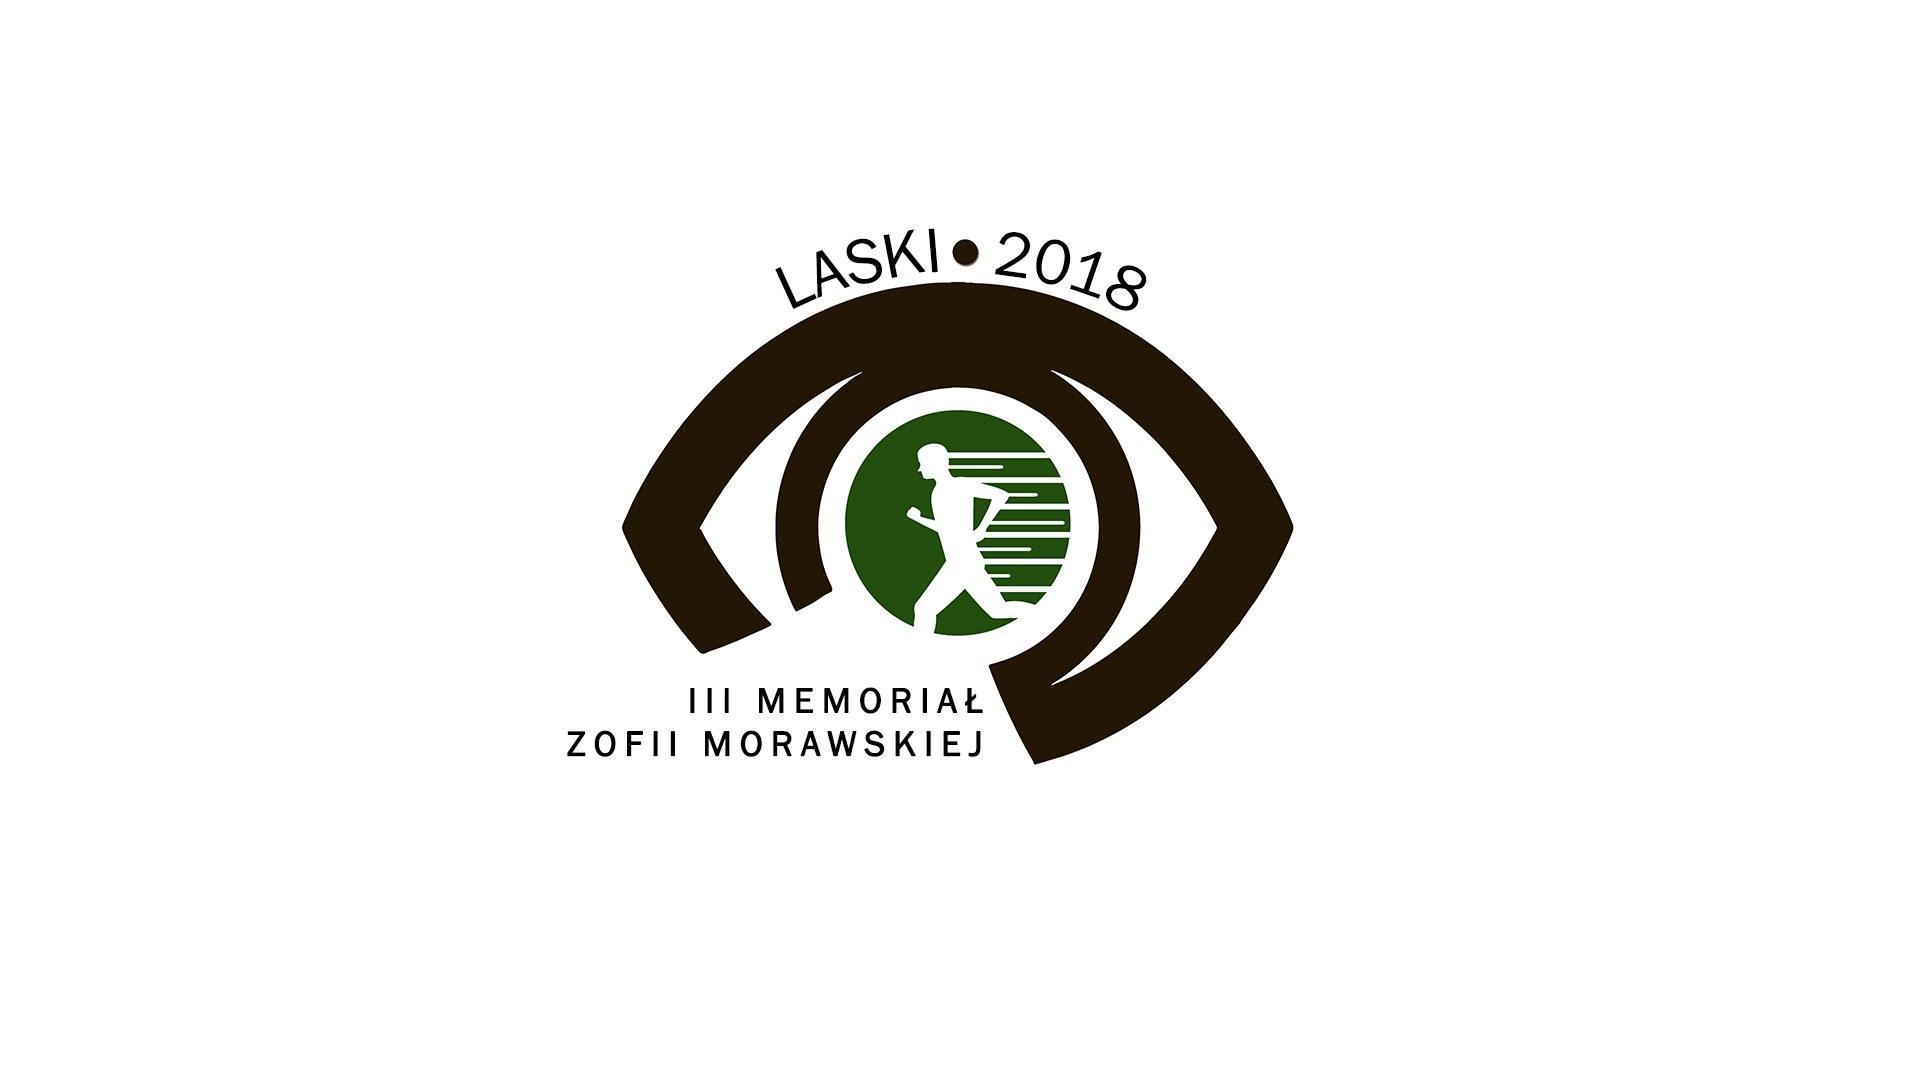 III Memoriał im Zofi Morawskiej